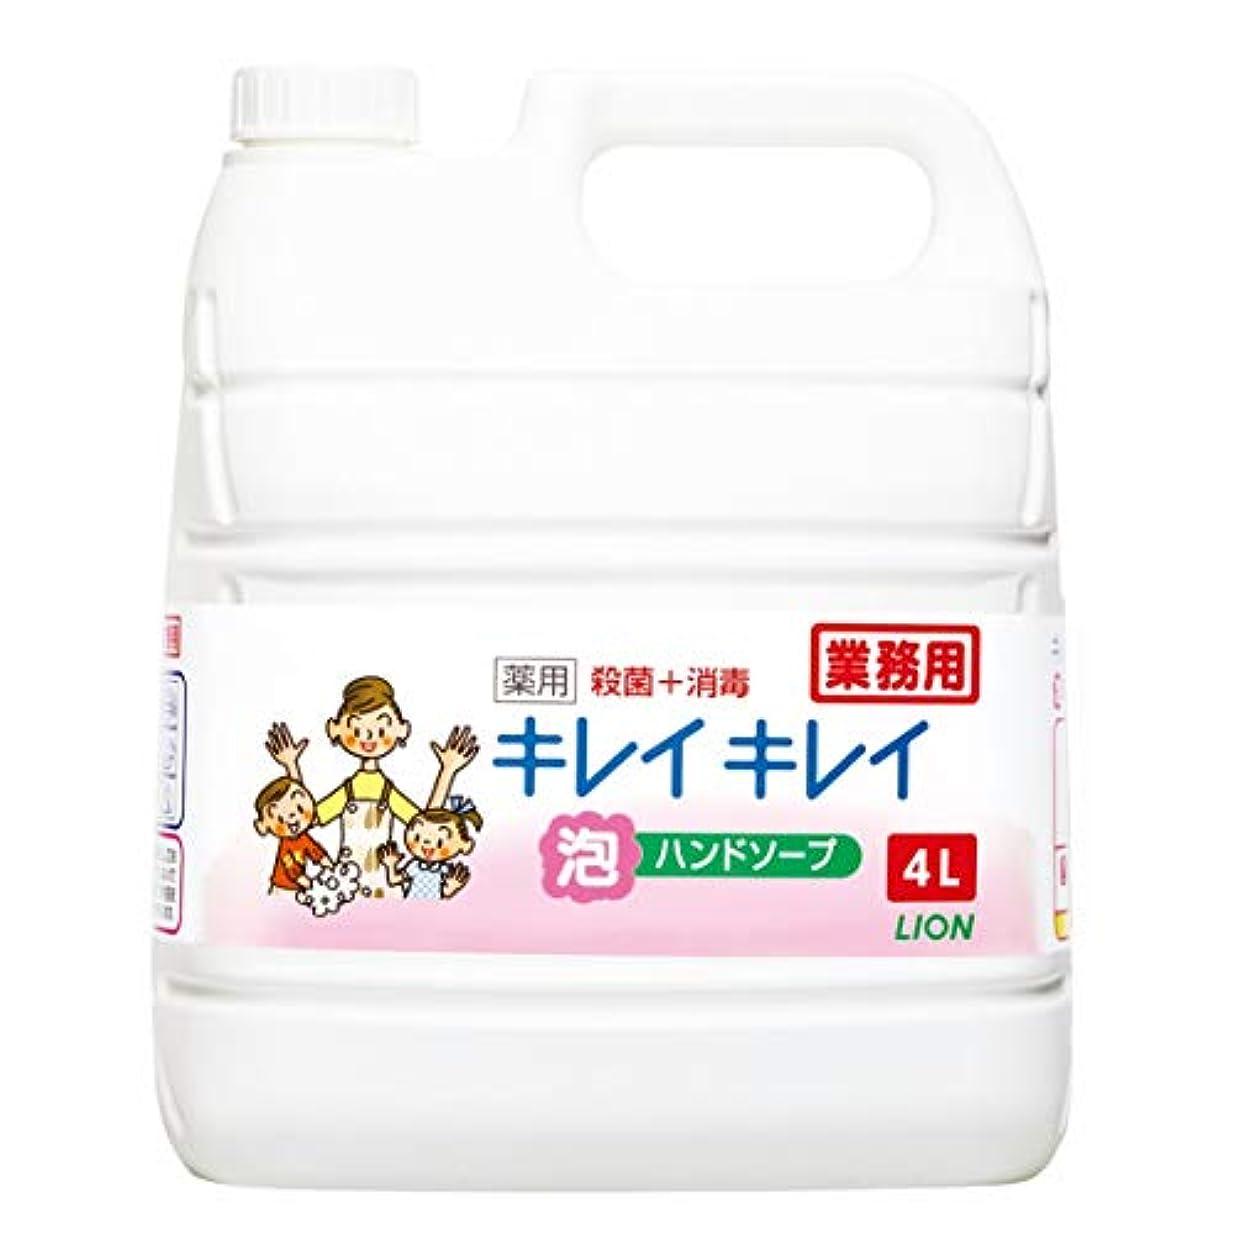 三十スープ特許【業務用 大容量】キレイキレイ 薬用 泡ハンドソープ シトラスフルーティの香り 液体 単品 4L(医薬部外品)